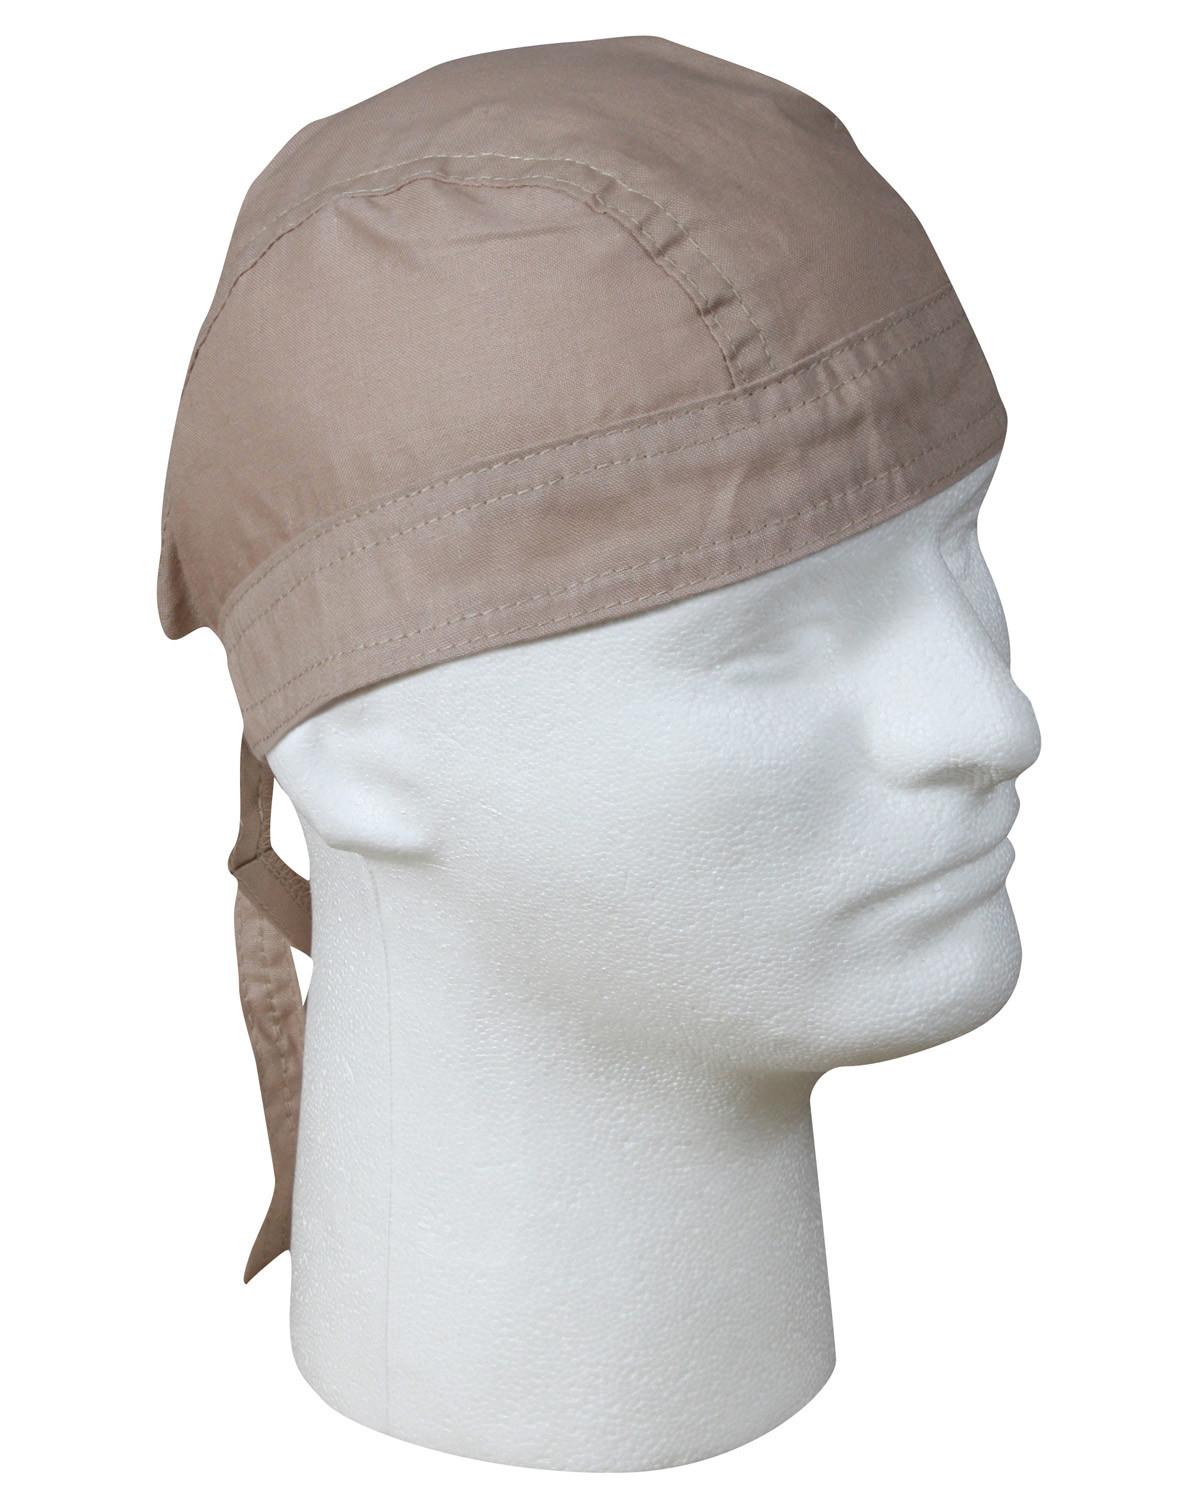 Image of   Rothco Bandana (Khaki, One Size)